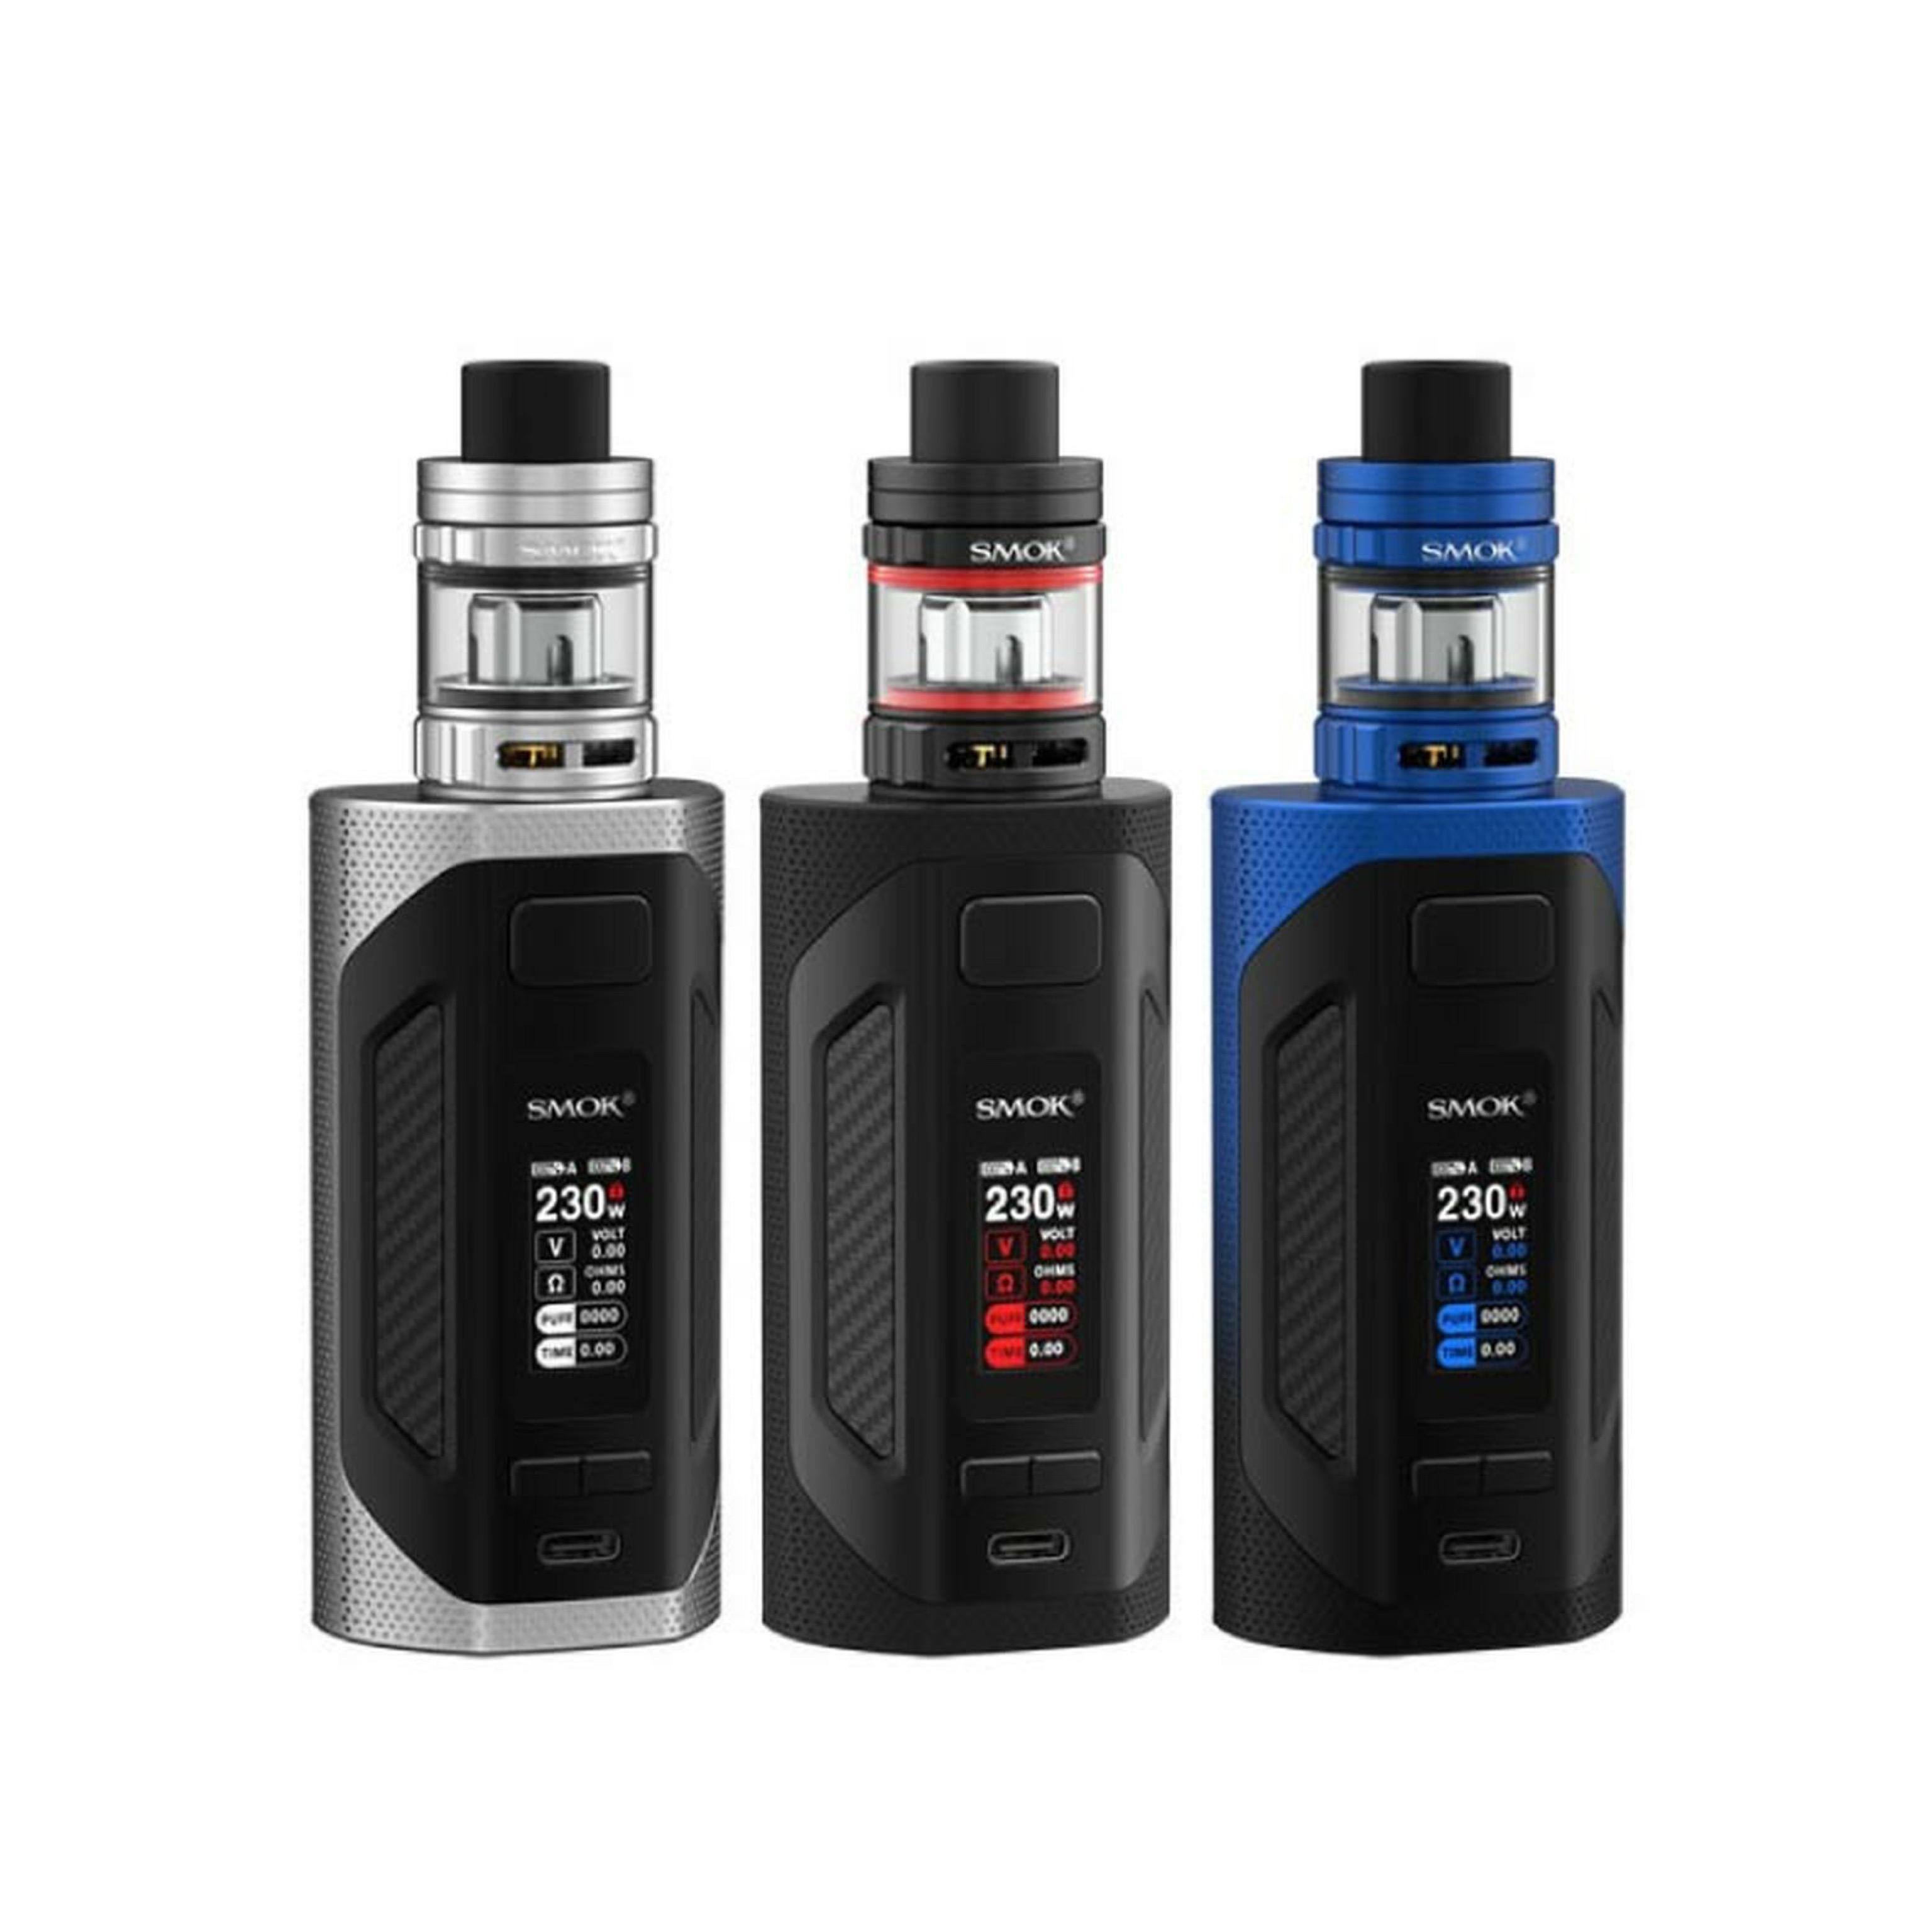 E-Liquid Device's